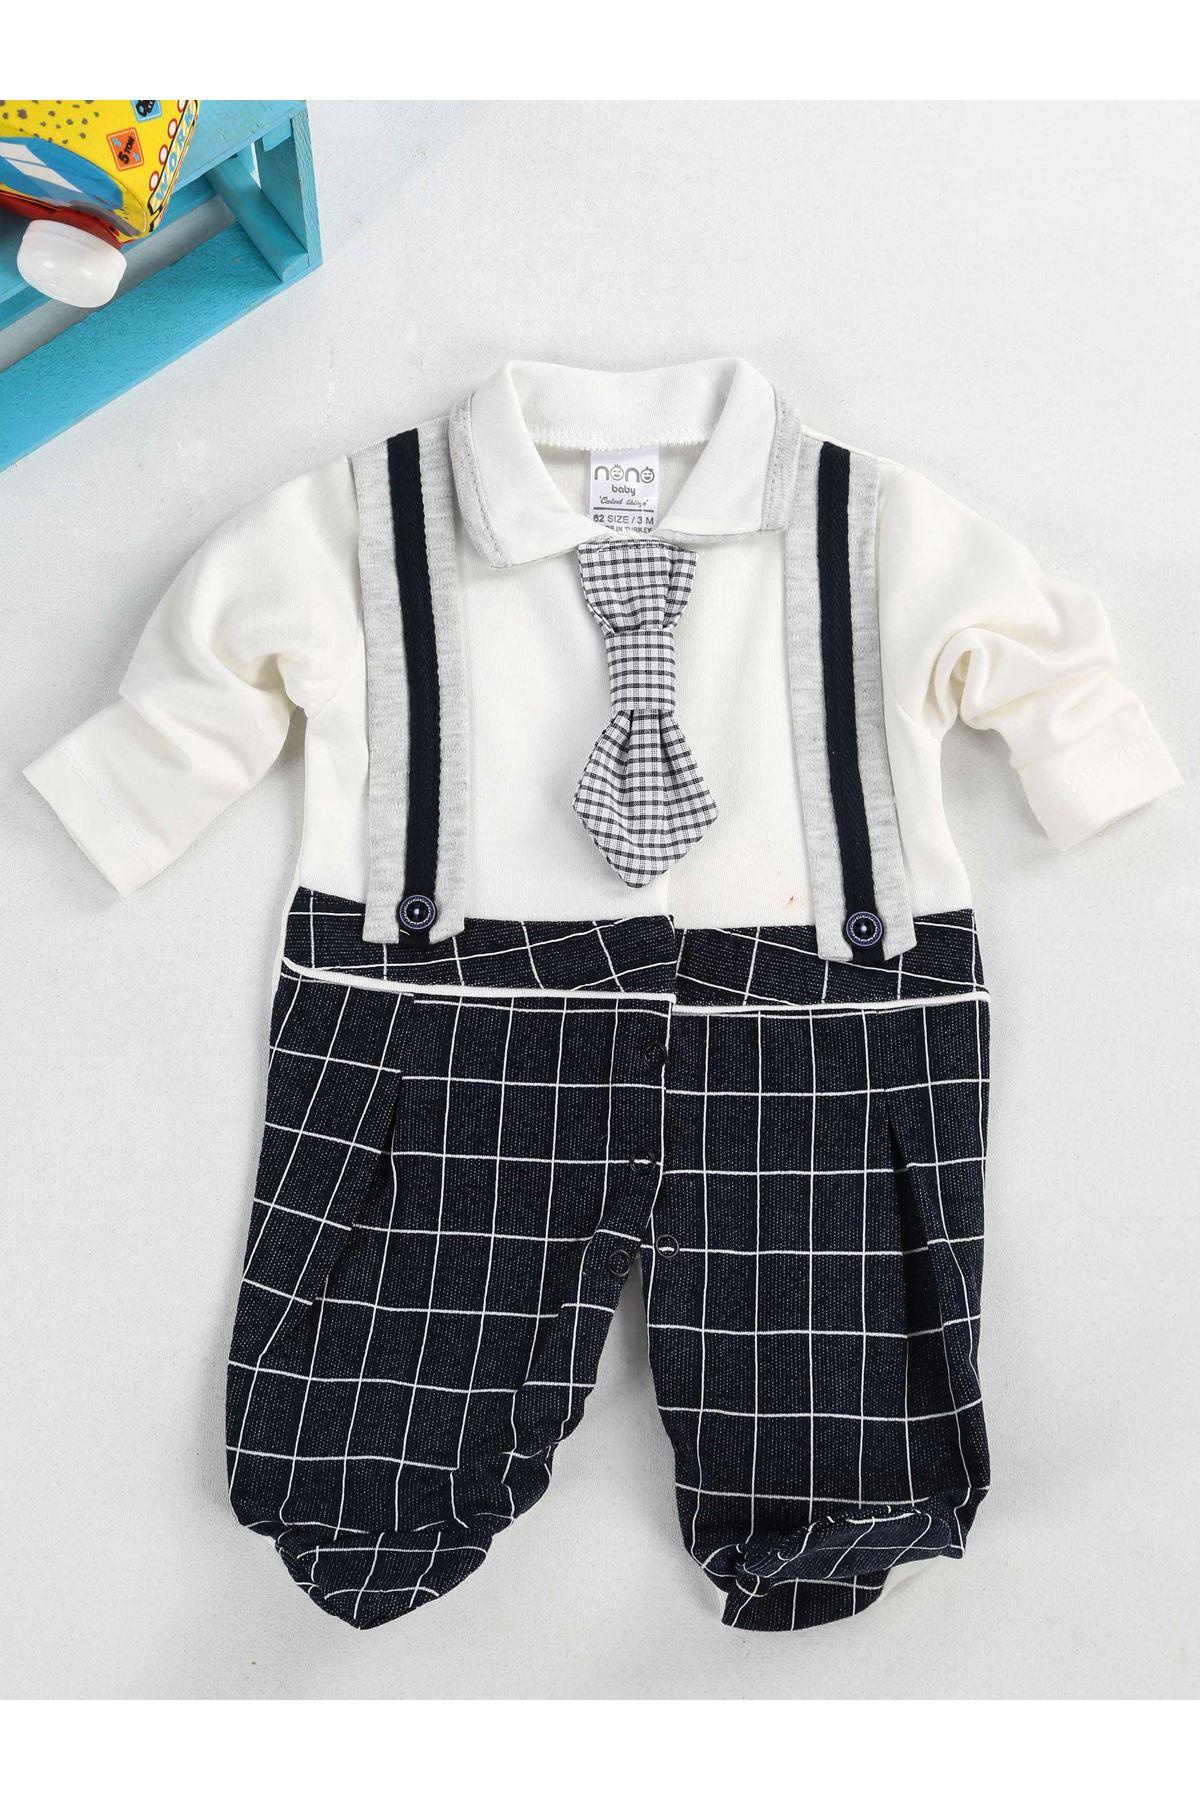 Beyaz Lacivert Kravatlı Erkek Bebek Tulum